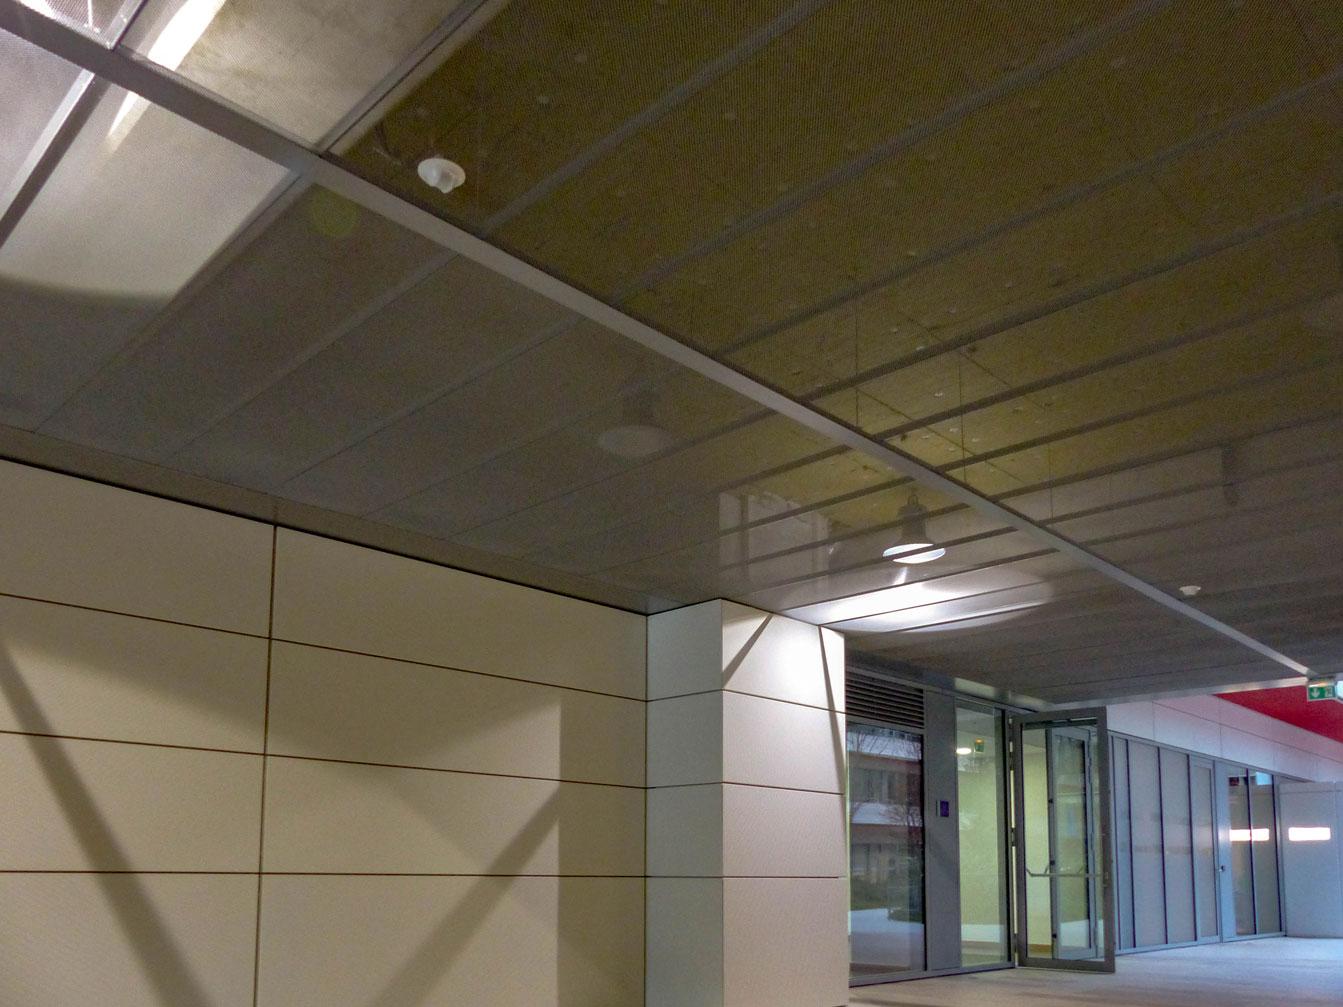 Solaris Plafonds Exterieurs Metal Déployé Langlois Sobreti Idf